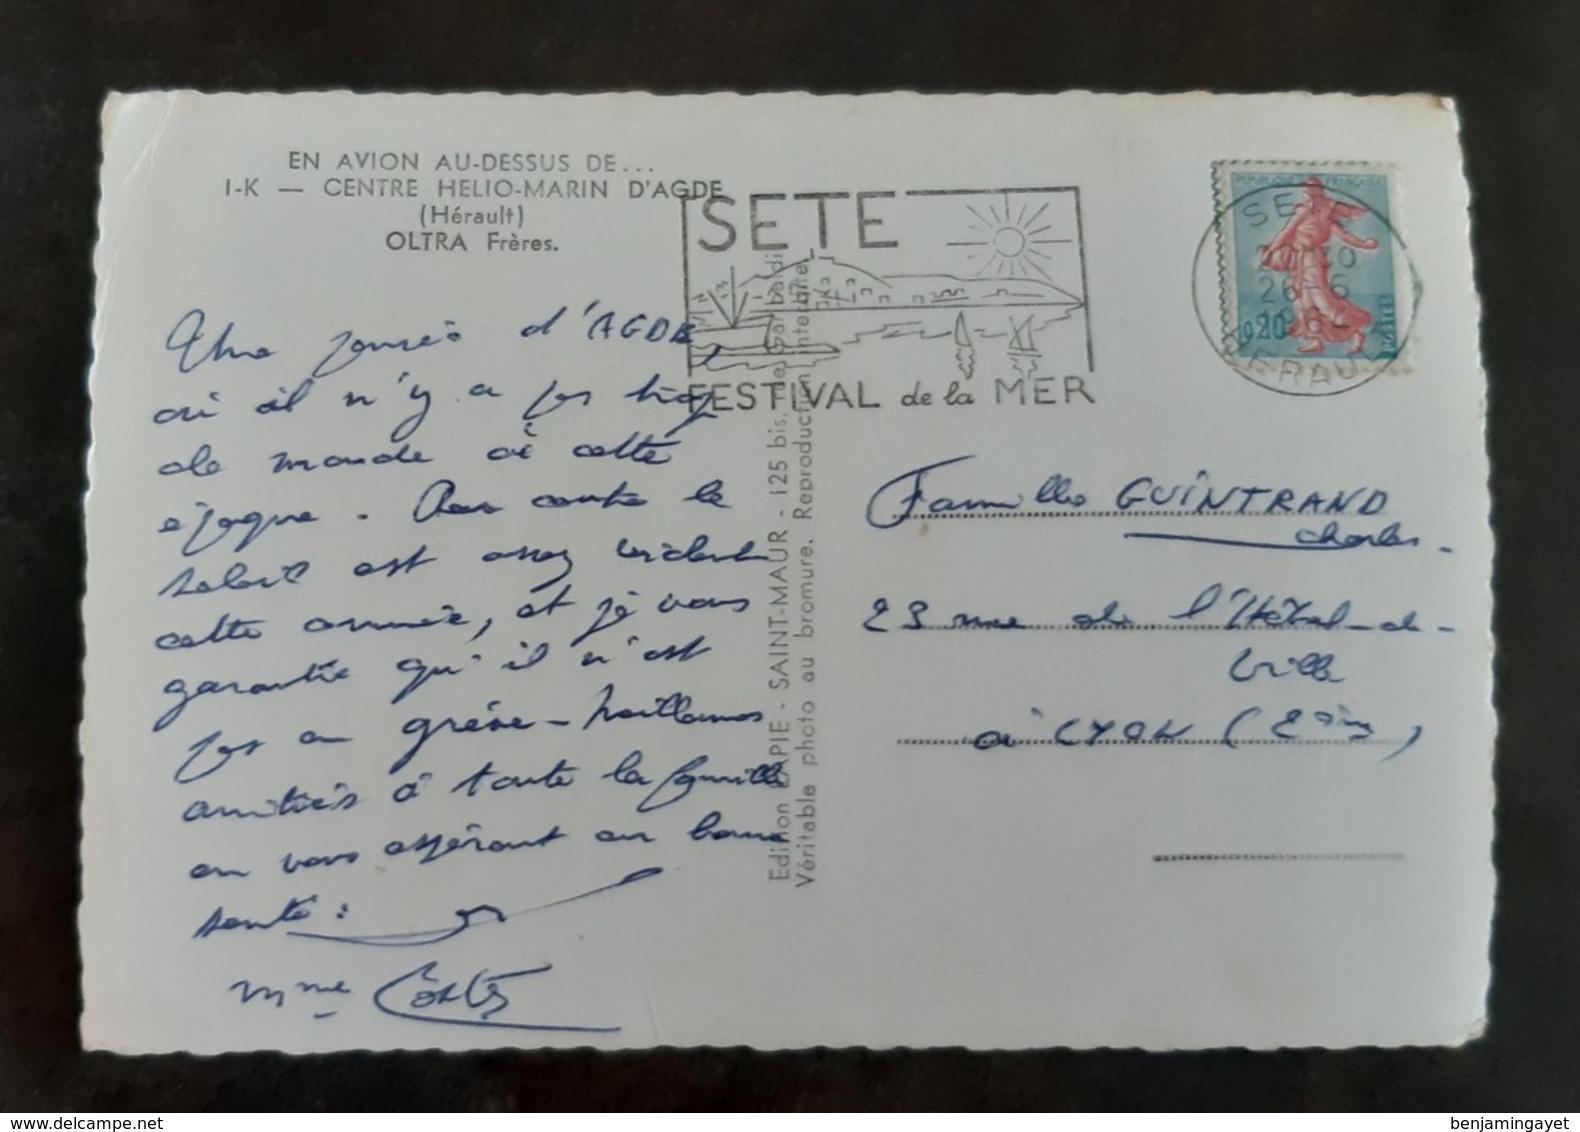 Carte Postal Timbrée - En Avion Au Dessus De ... - Agde